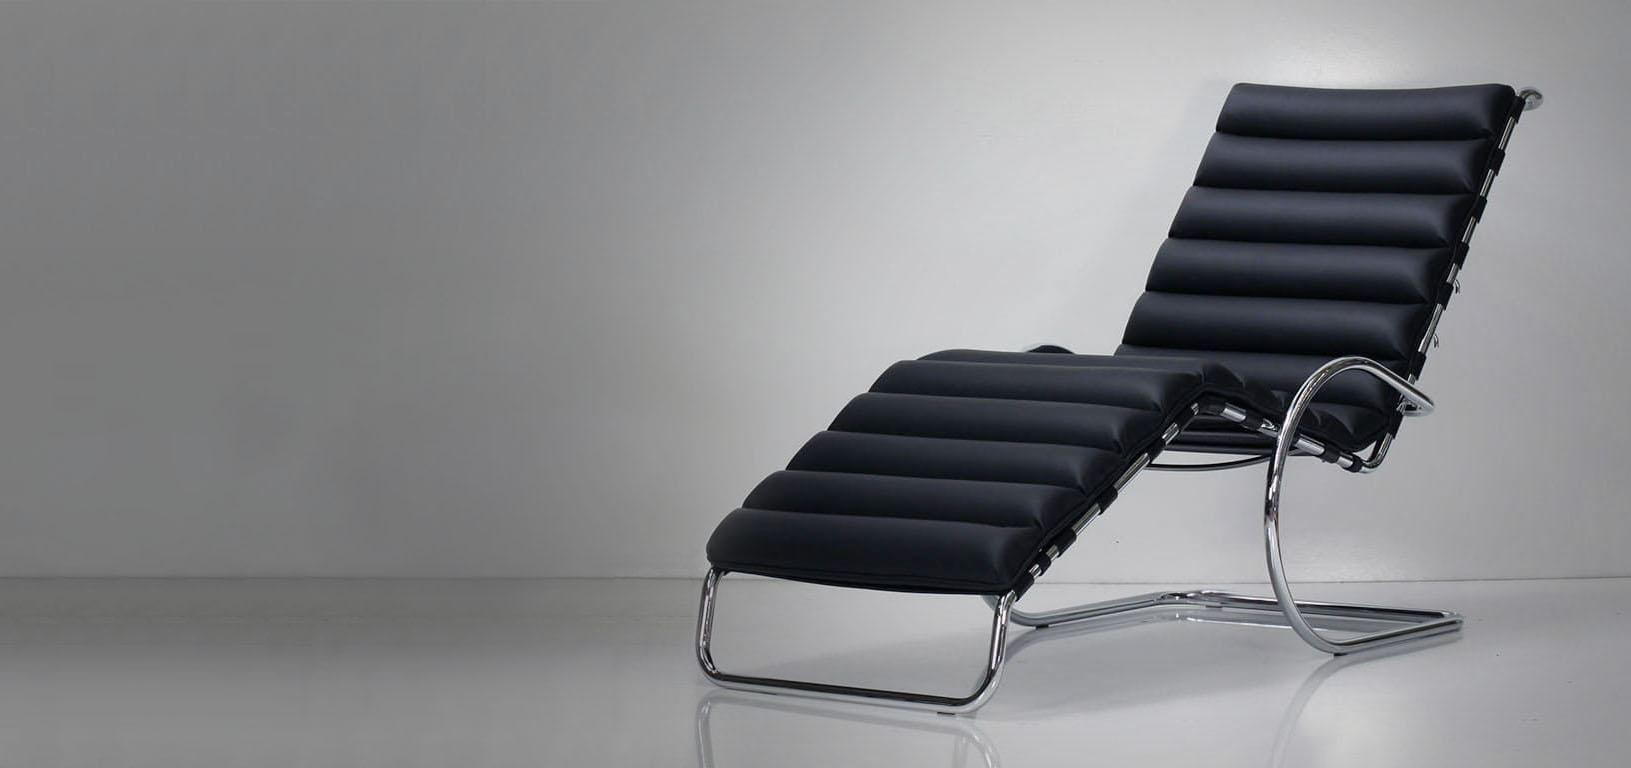 Matrix - Chaise longue de Mies Van der Rohe